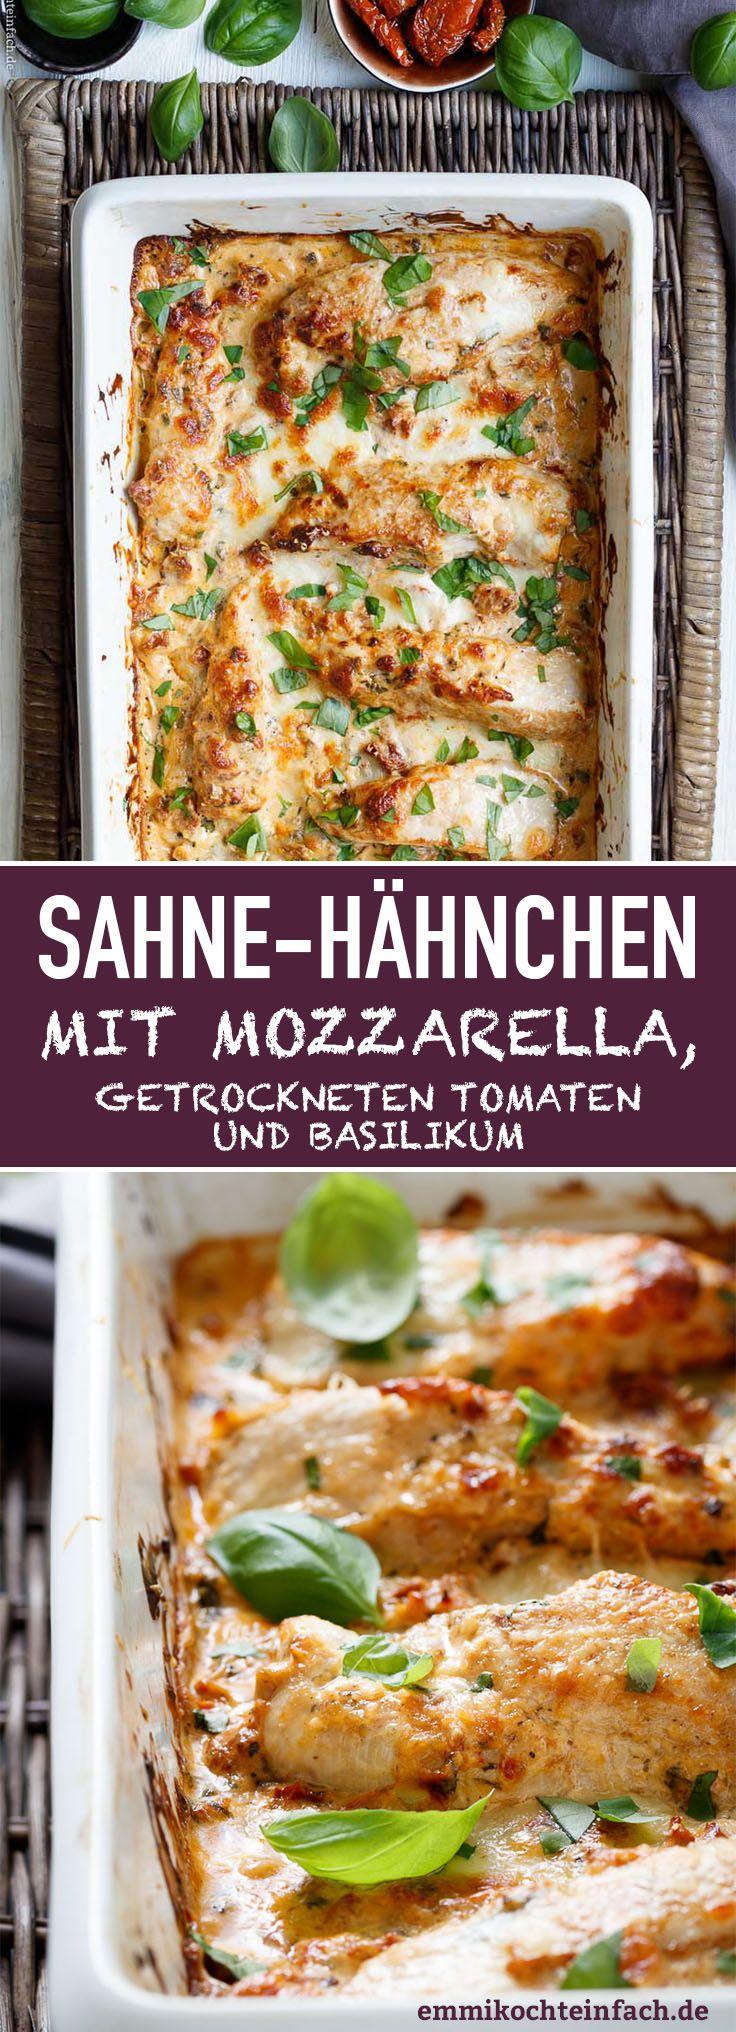 Sahne-Hähnchen - www.emmikochteinfach.de